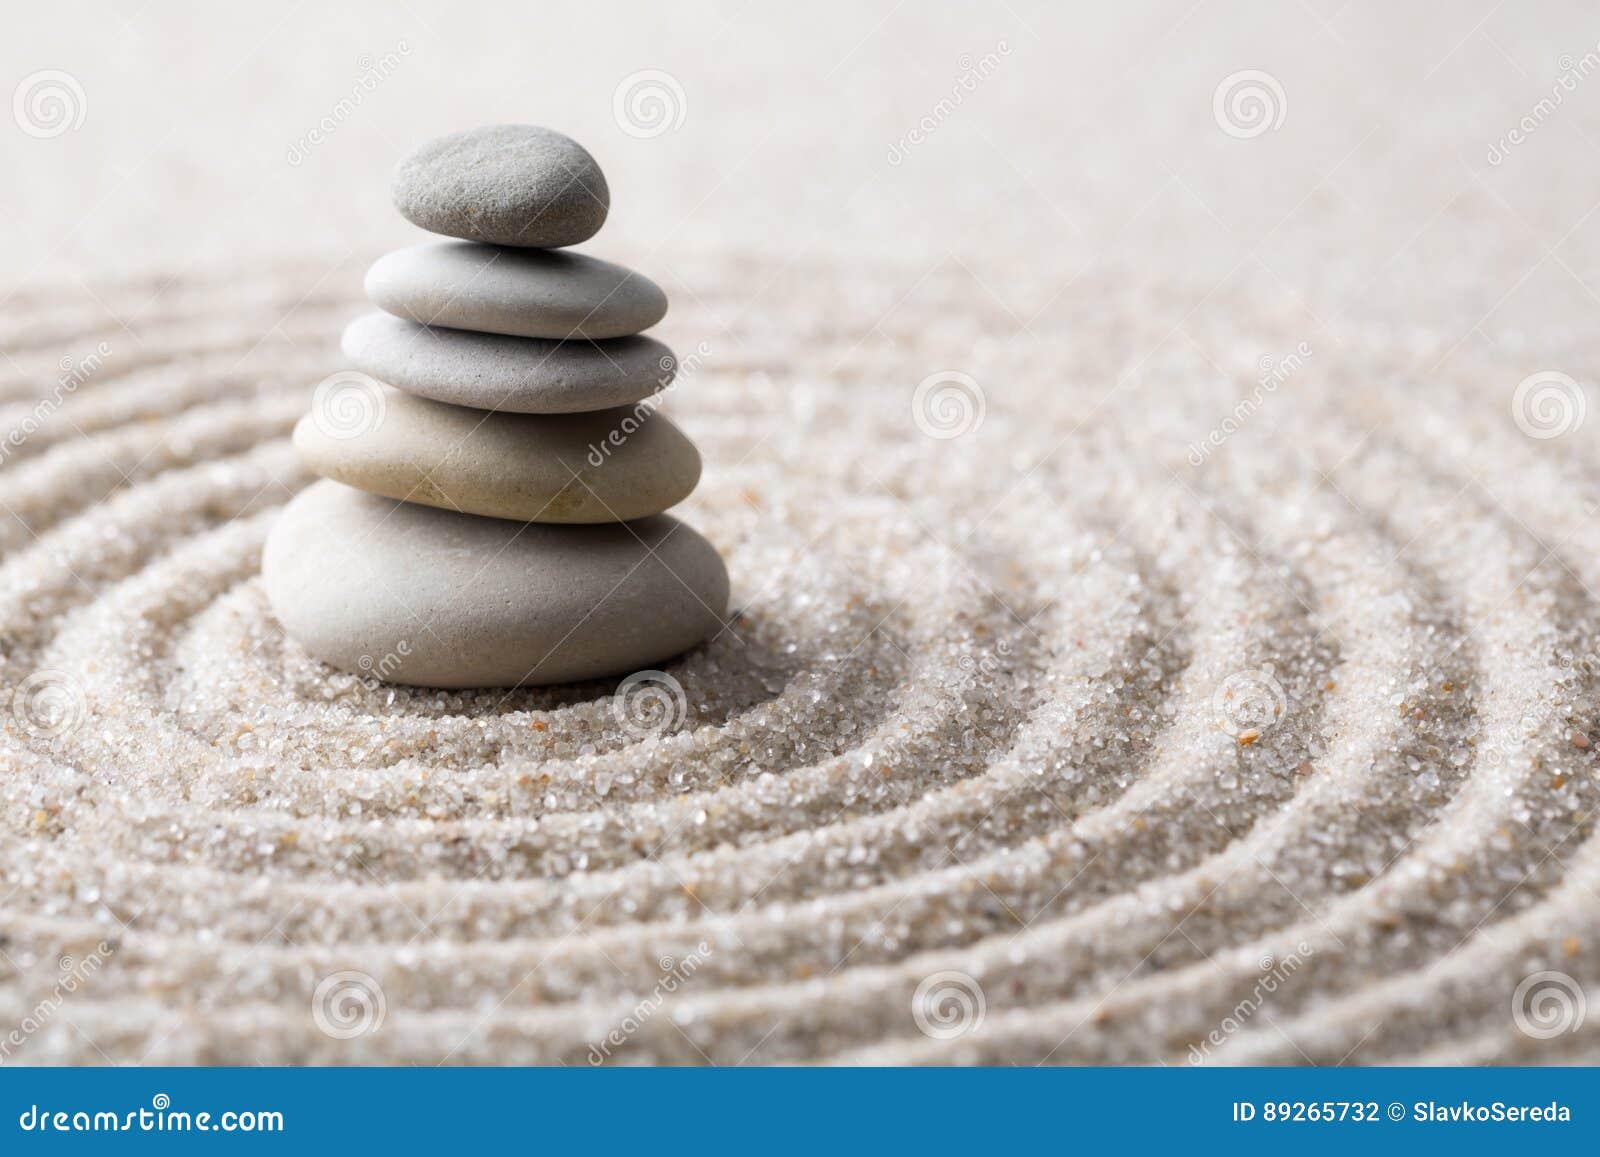 集中和放松沙子的日本禅宗庭院凝思和谐的石头和在纯净的朴素的岩石和平衡